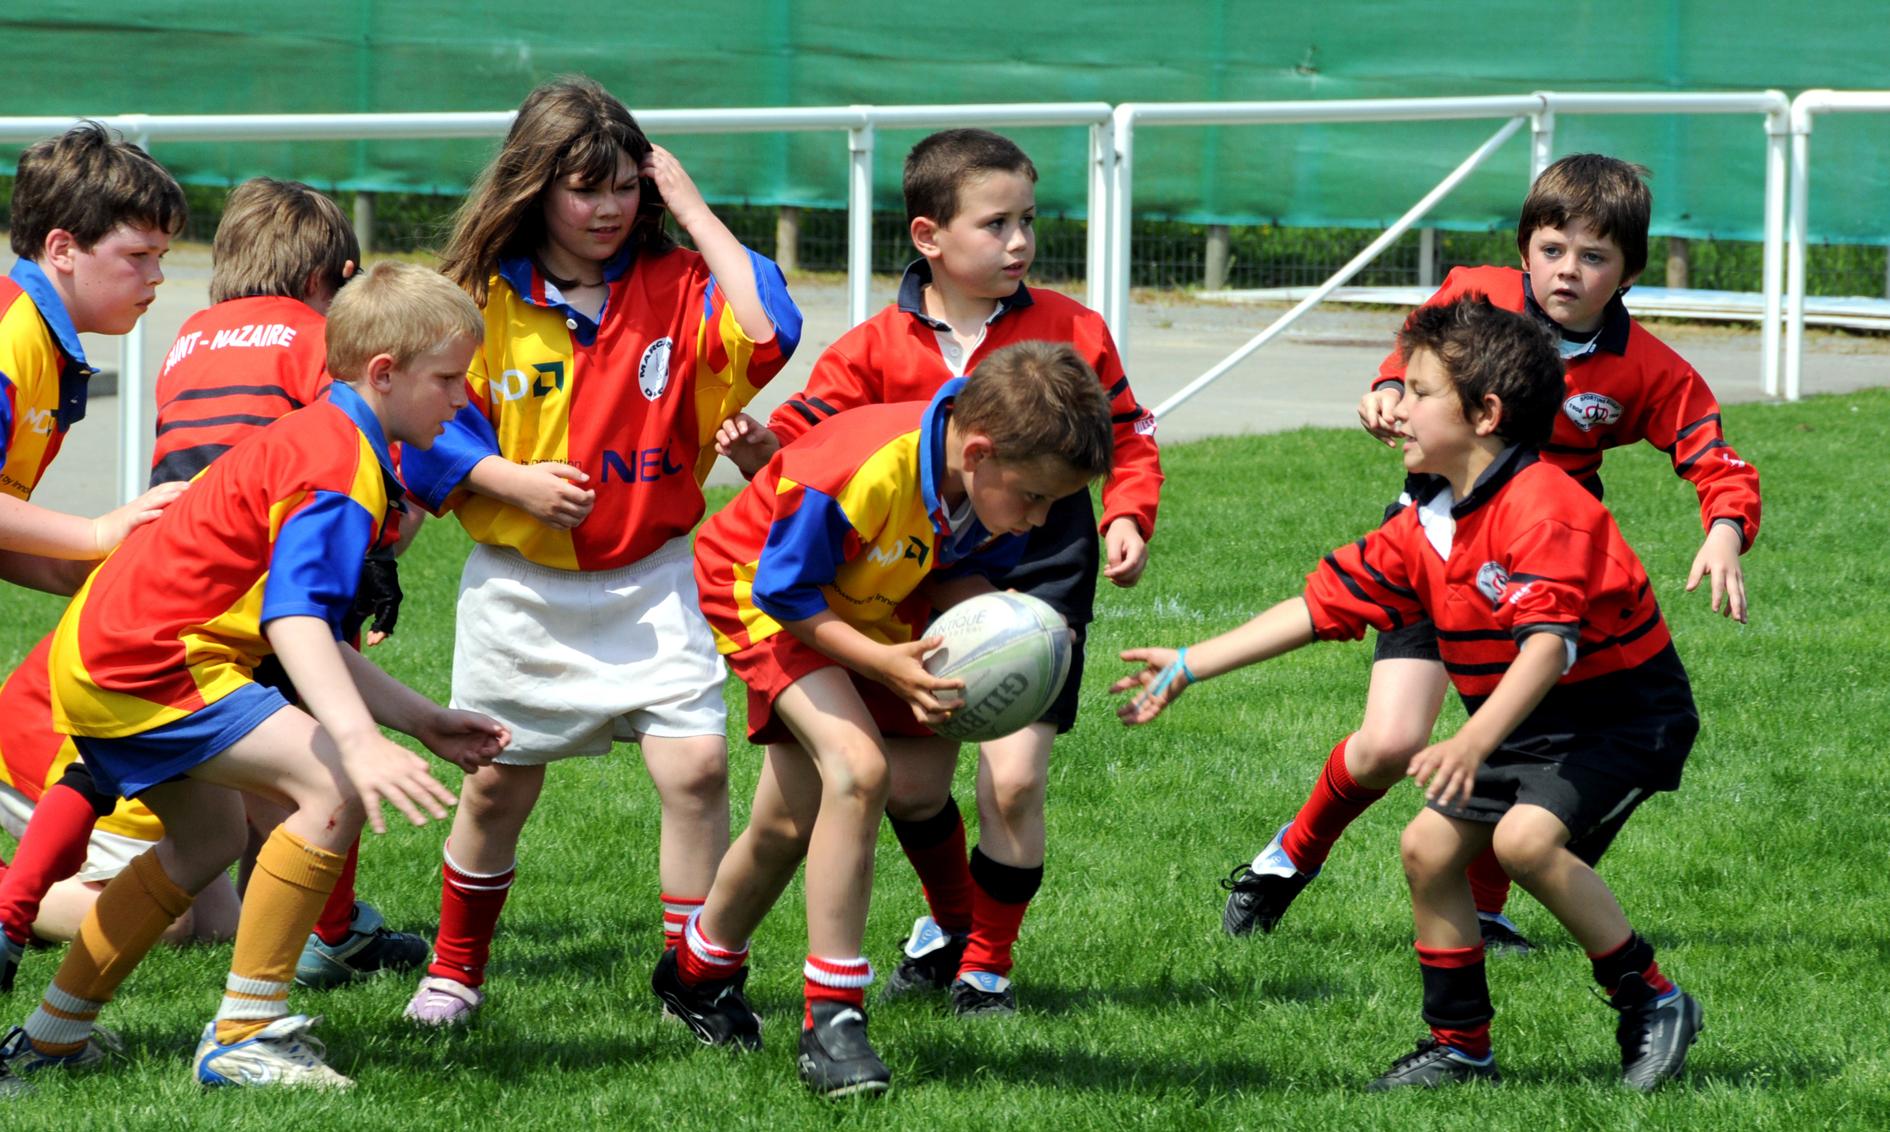 Rugby Saint-nazaire. Crédit Christian Robert - Ville de Saint-Nazaire